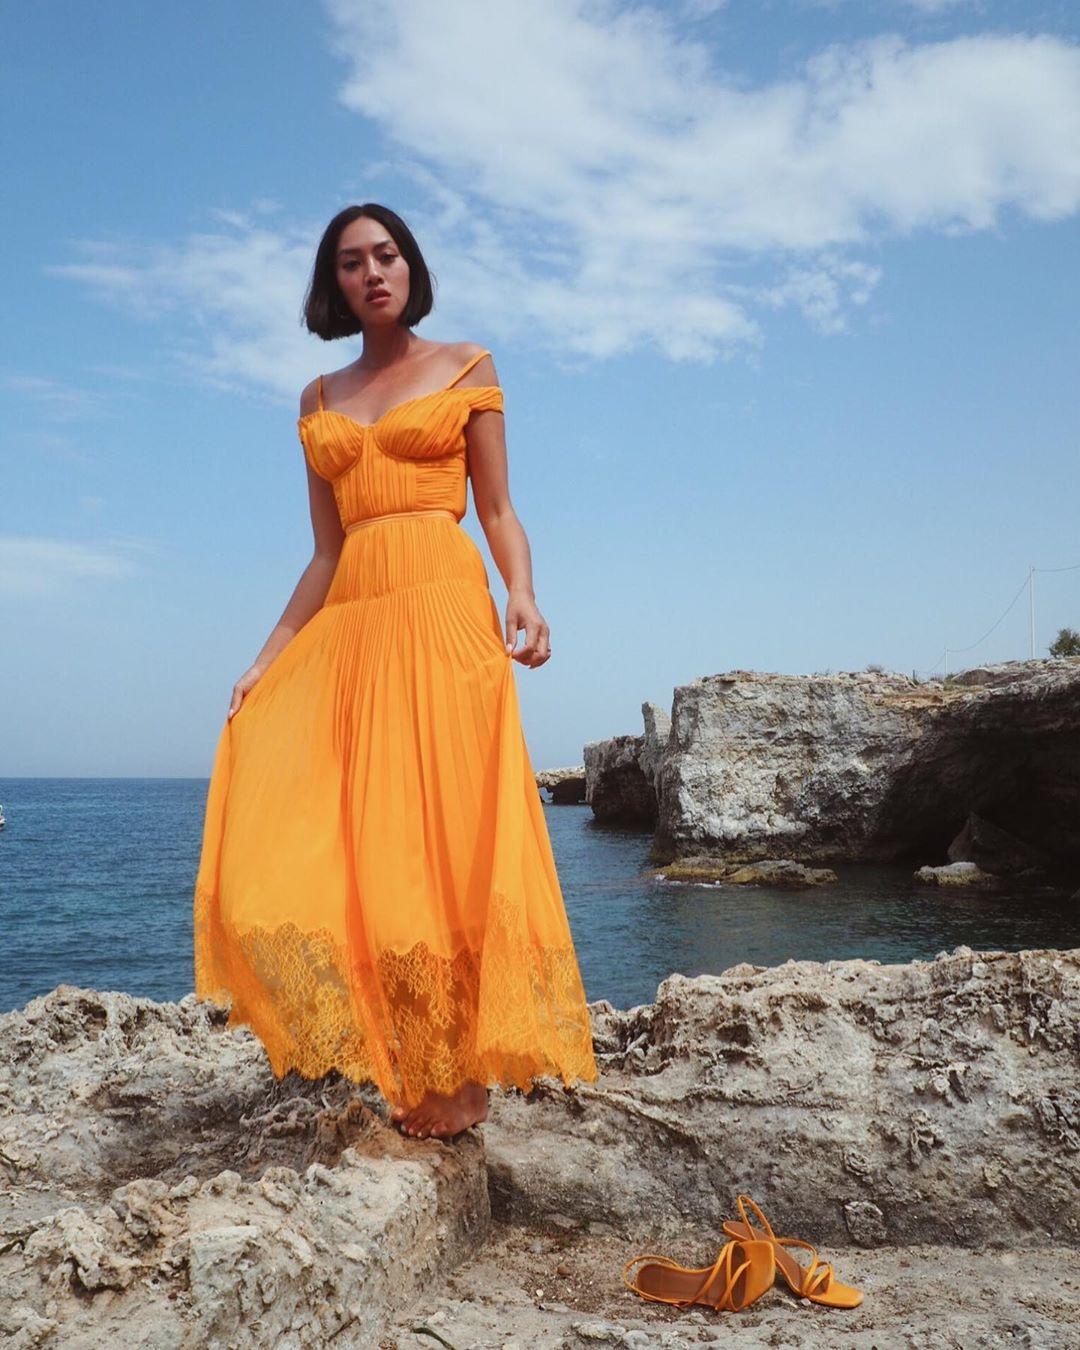 Fashionista Tiffany Hsu diện đầm voan dài màu vàng nổi bật khi đi biển